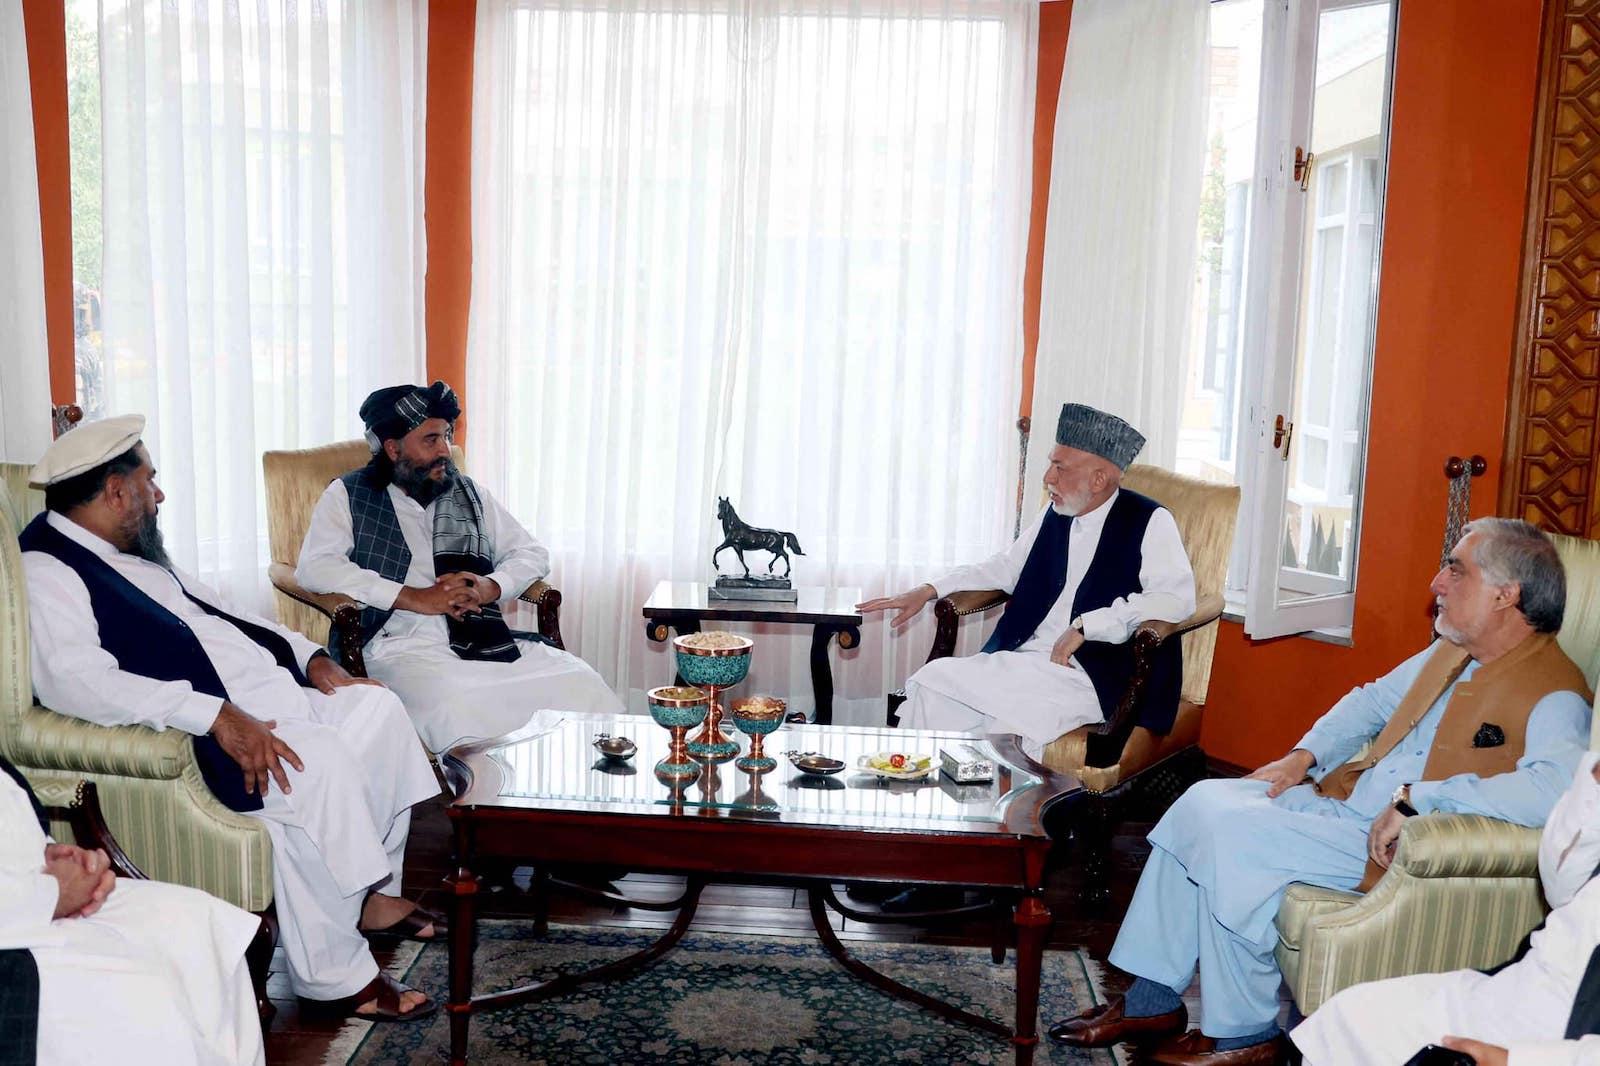 2月,民族和解高级委员会(HCNR)主席阿卜杜拉·阿卜杜拉(右)和前总统哈米德·卡尔扎伊(右二)在喀布尔会见了喀布尔塔利班代理州长阿卜杜勒·拉赫曼·曼苏尔(左二) 21 年 2021 月 XNUMX 日。照片:法新社/塔利班通过 EyePress 新闻分发